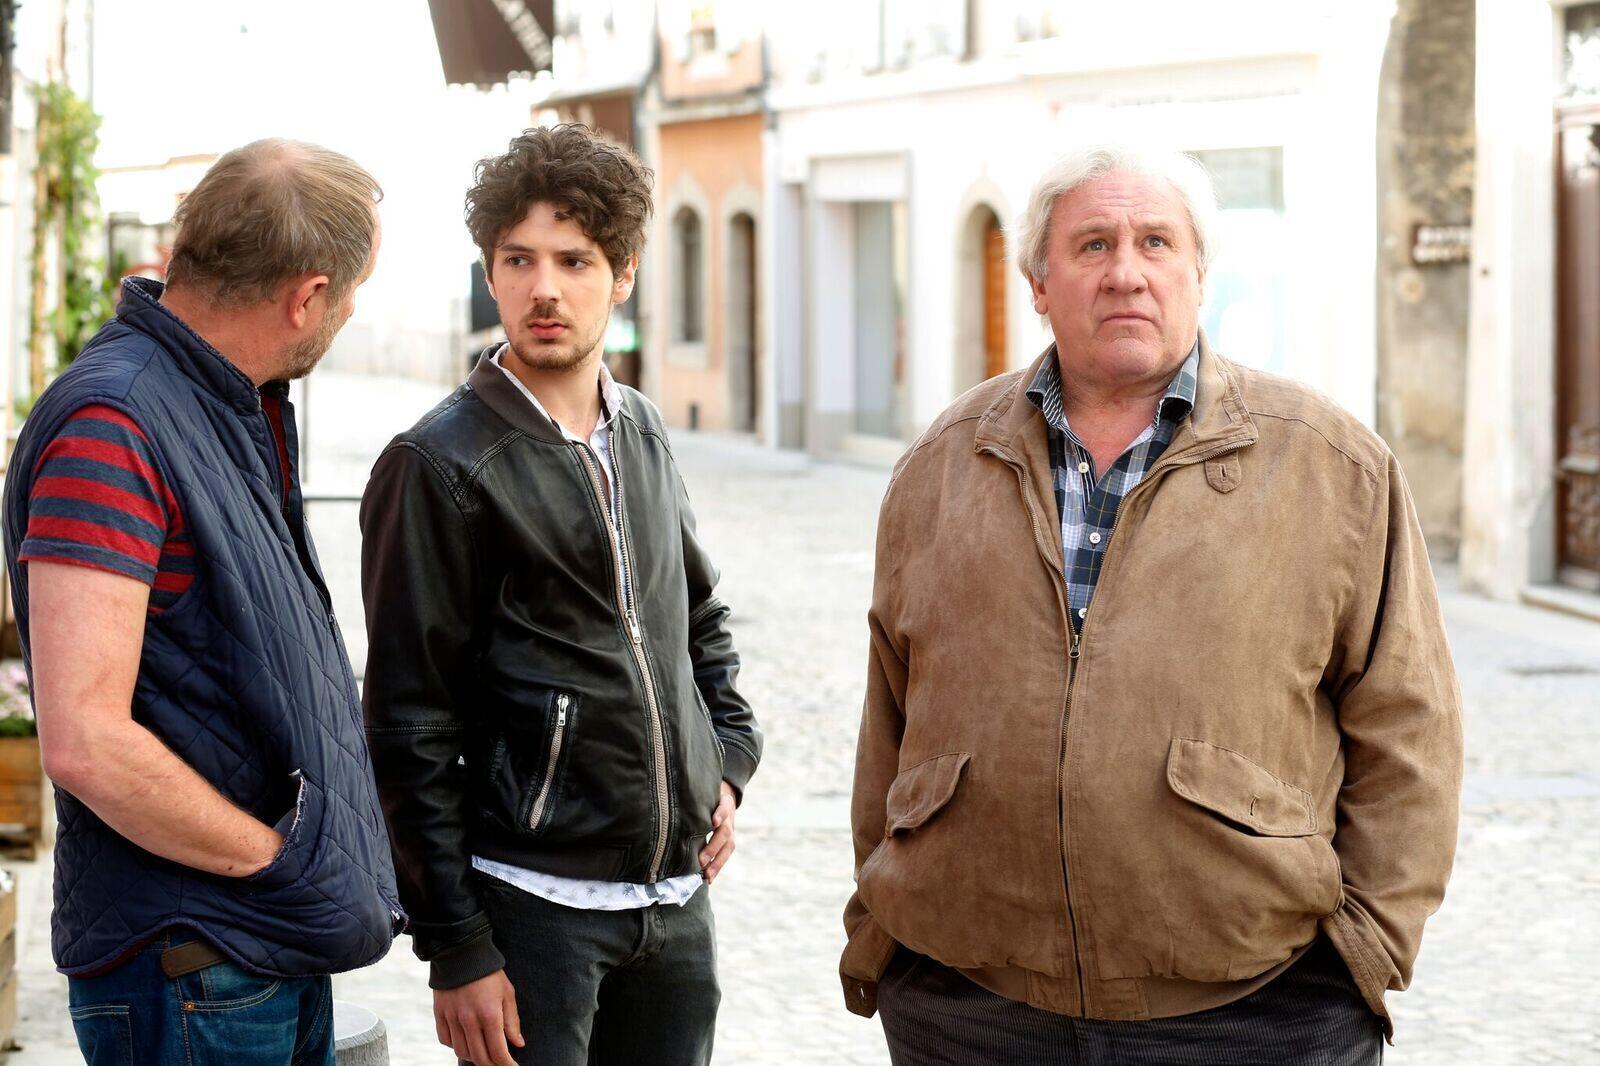 Les comédiens Vincent Lacoste, Benoît Poelvoorde et Gérard Depardieu, dans le film «Saint Amour», de Benoît Delépine et Gustave Kervern.